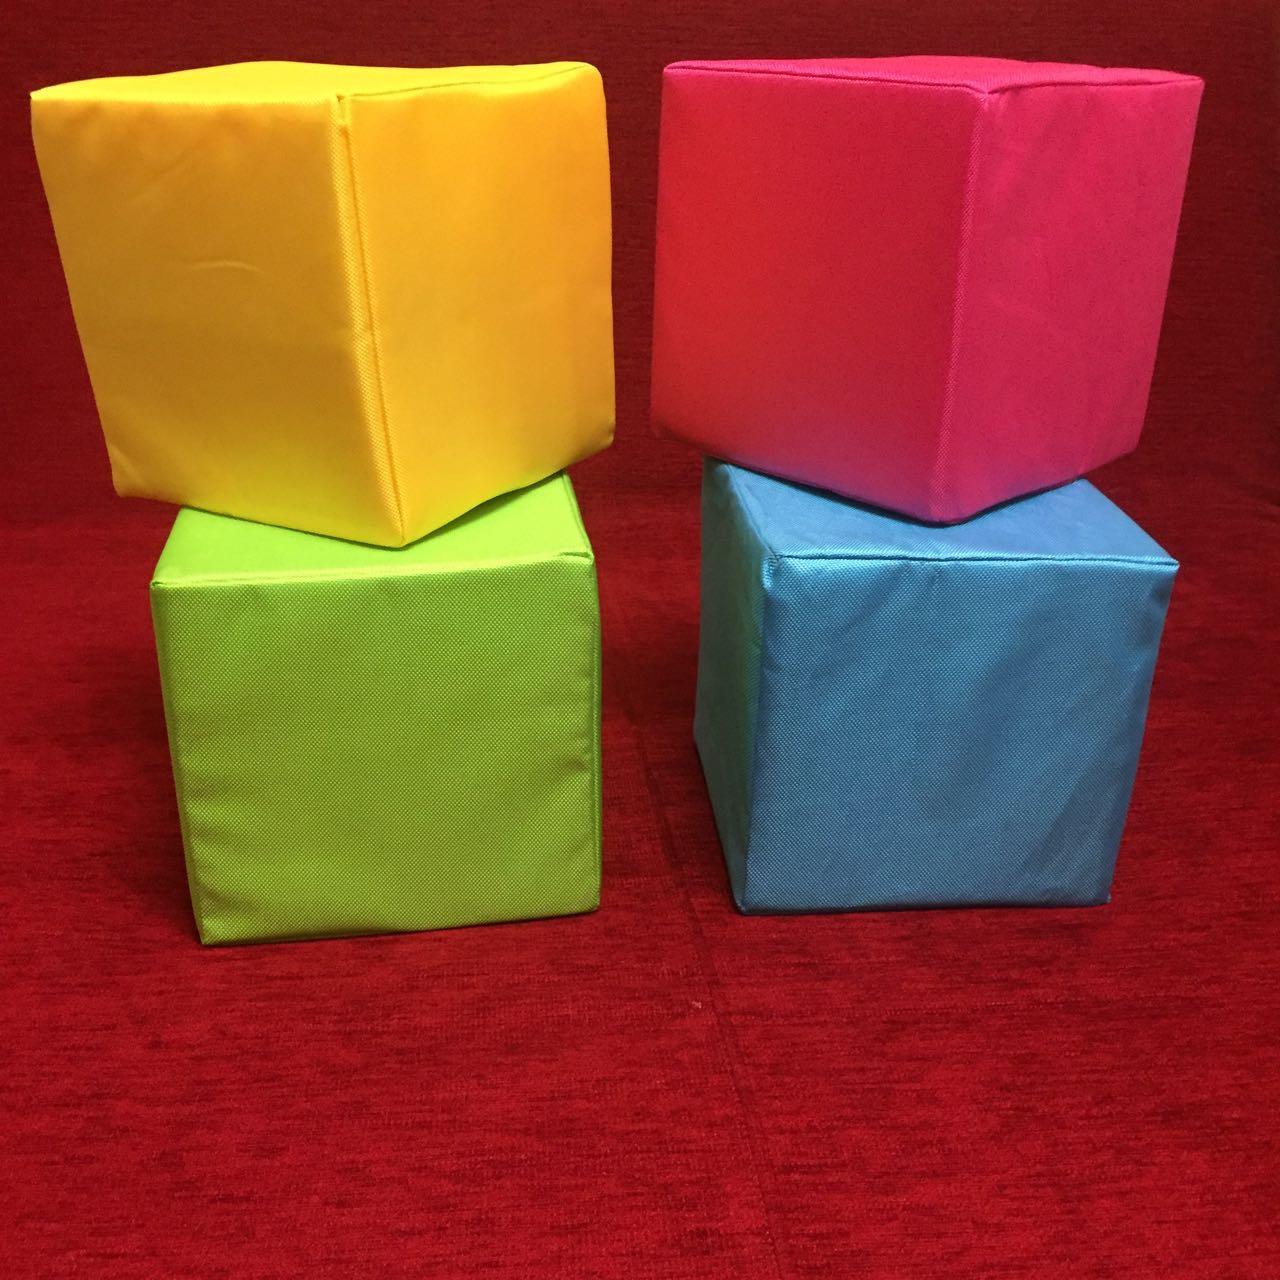 Кубики поролоновые в чехлах 20см